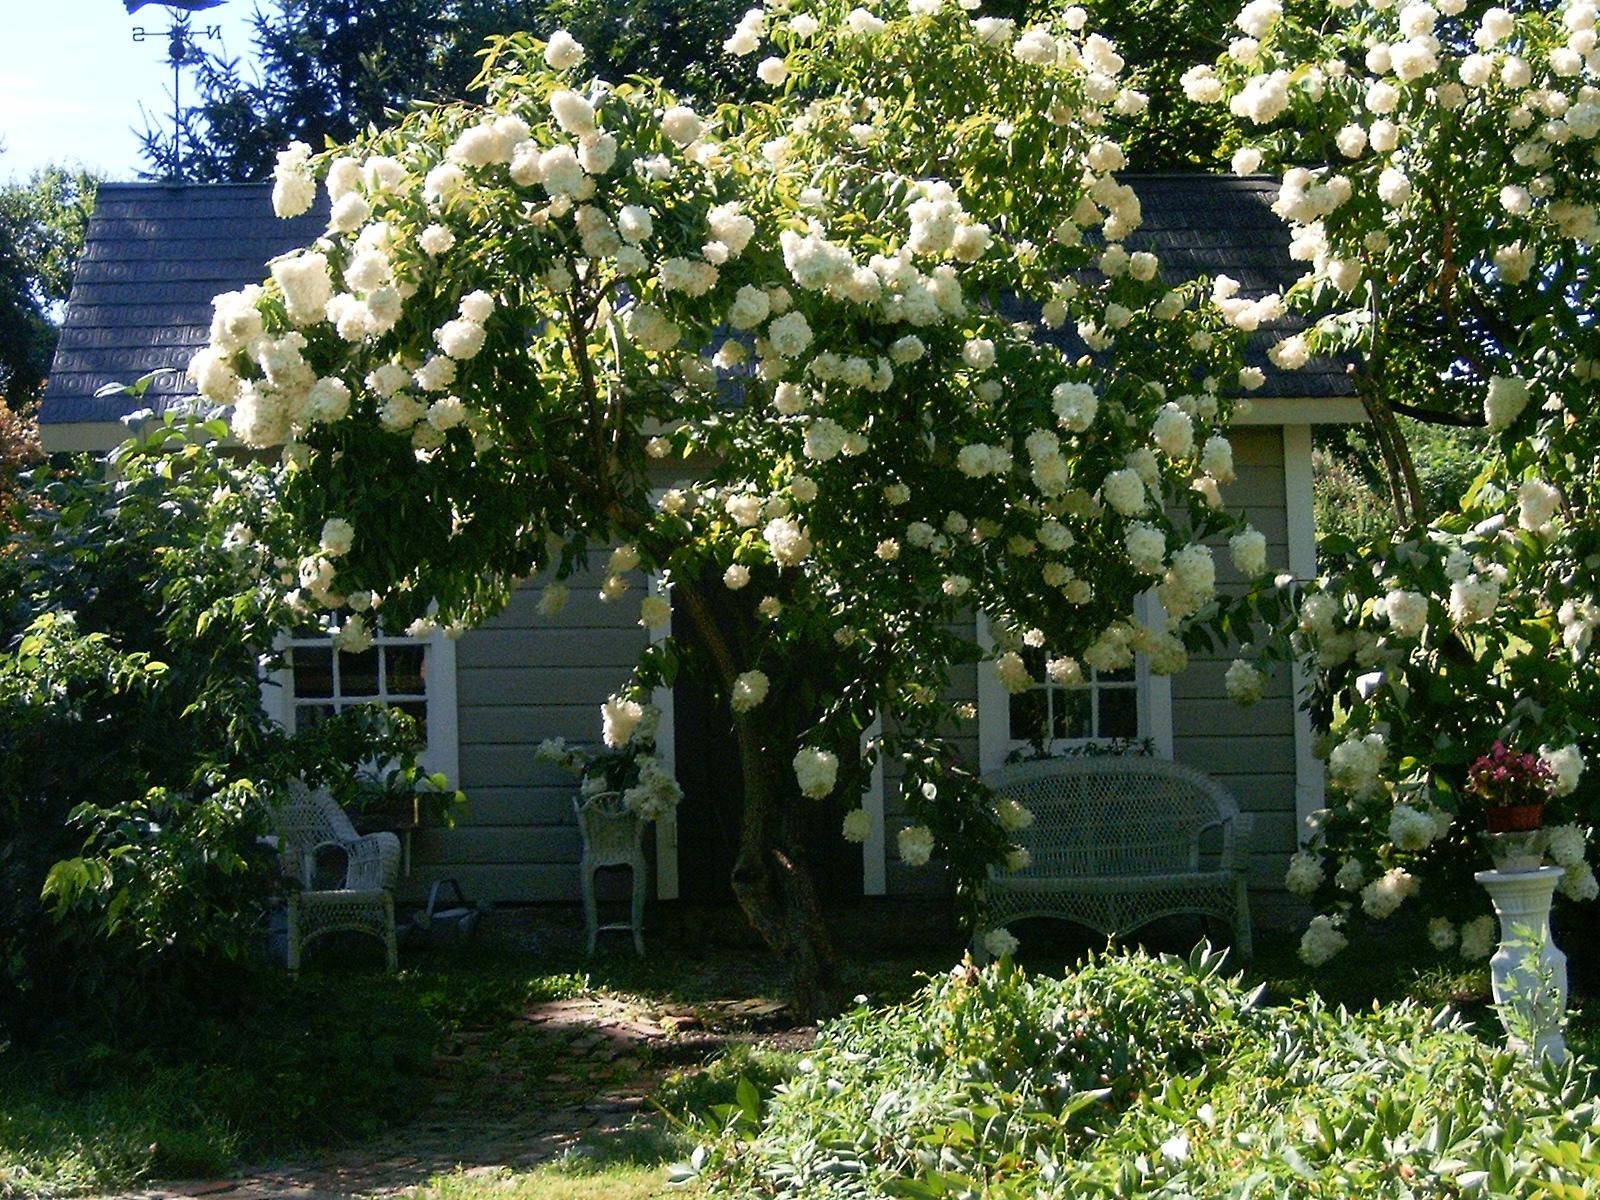 garden-collage-4.jpg